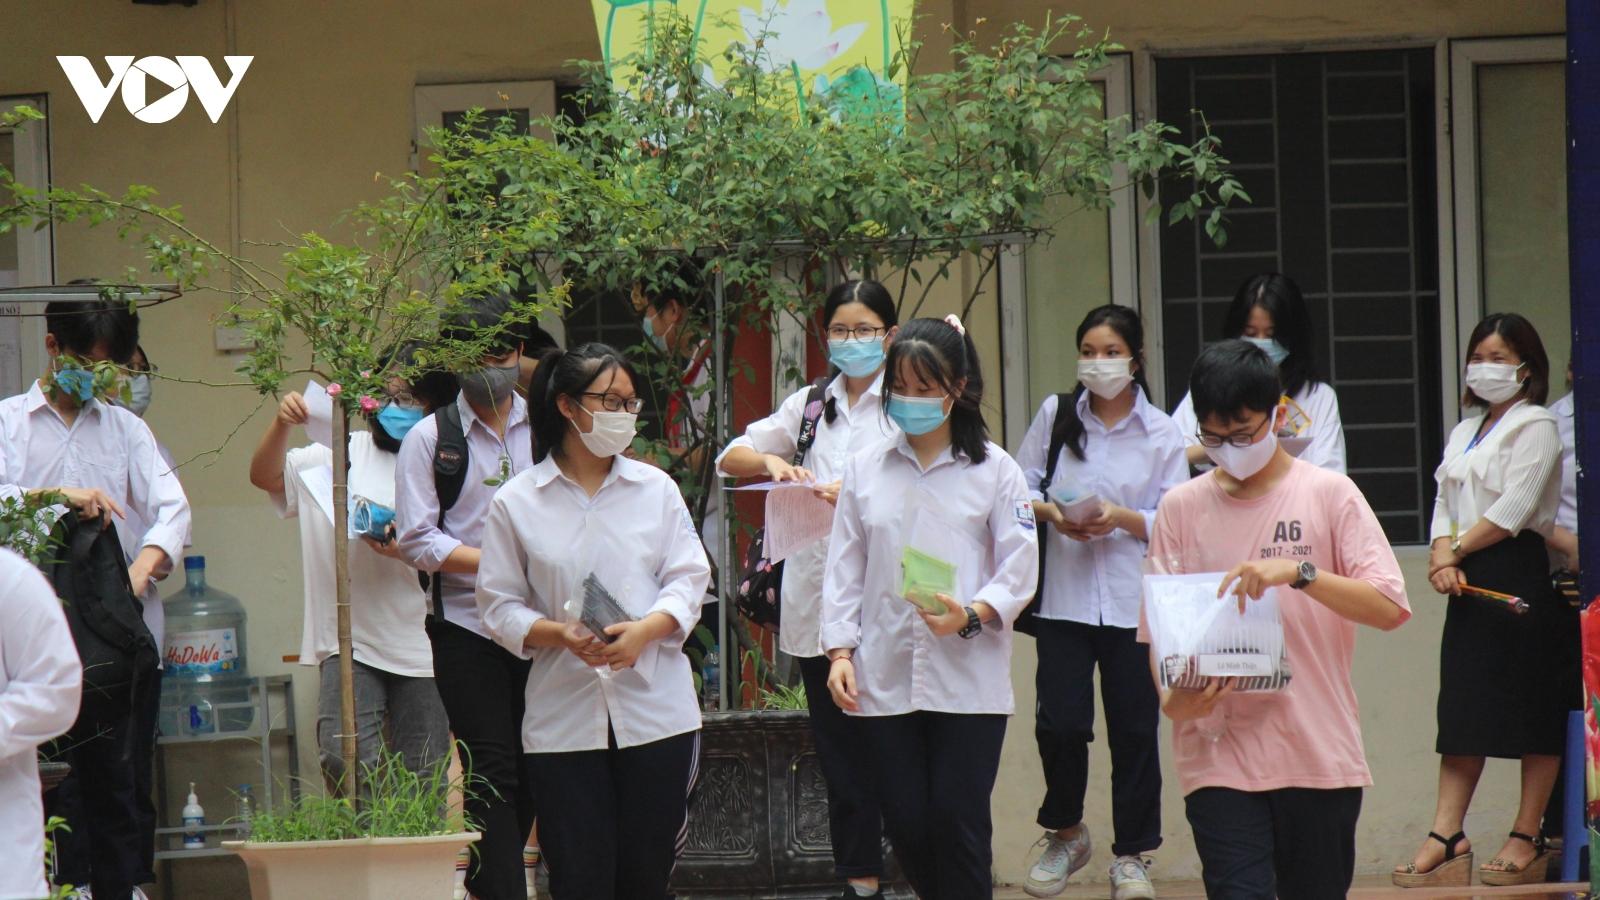 Thi vào 10 ở Hà Nội: Đề tiếng Anh nhẹ nhàng, giáo viên dự báo sẽ nhiều điểm 9, 10